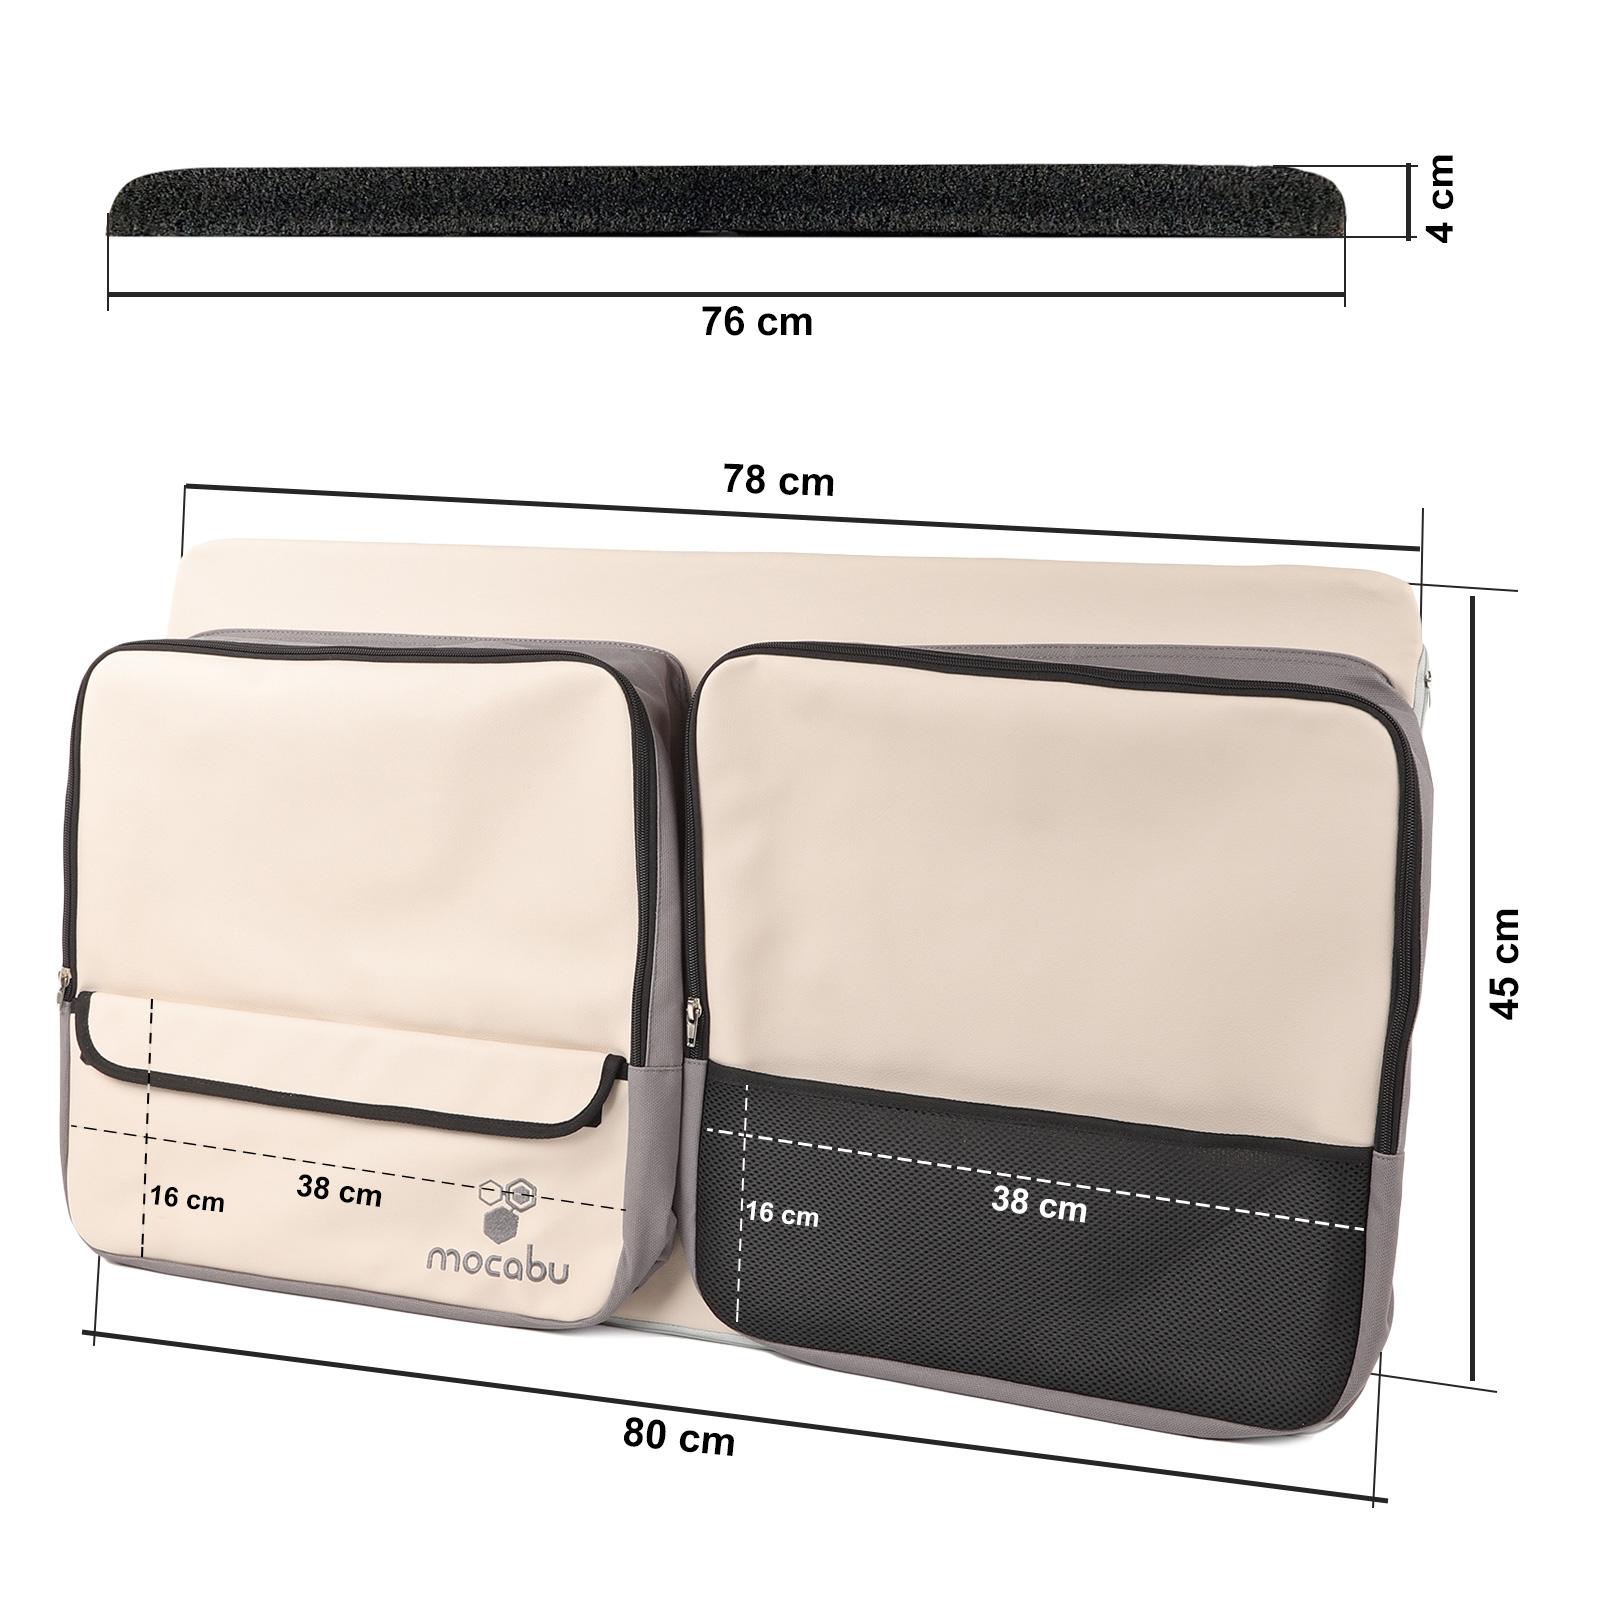 Indexbild 5 -  Fenstertasche Utensilientasche Leinenbeige passend für VW T5 T6 KR links